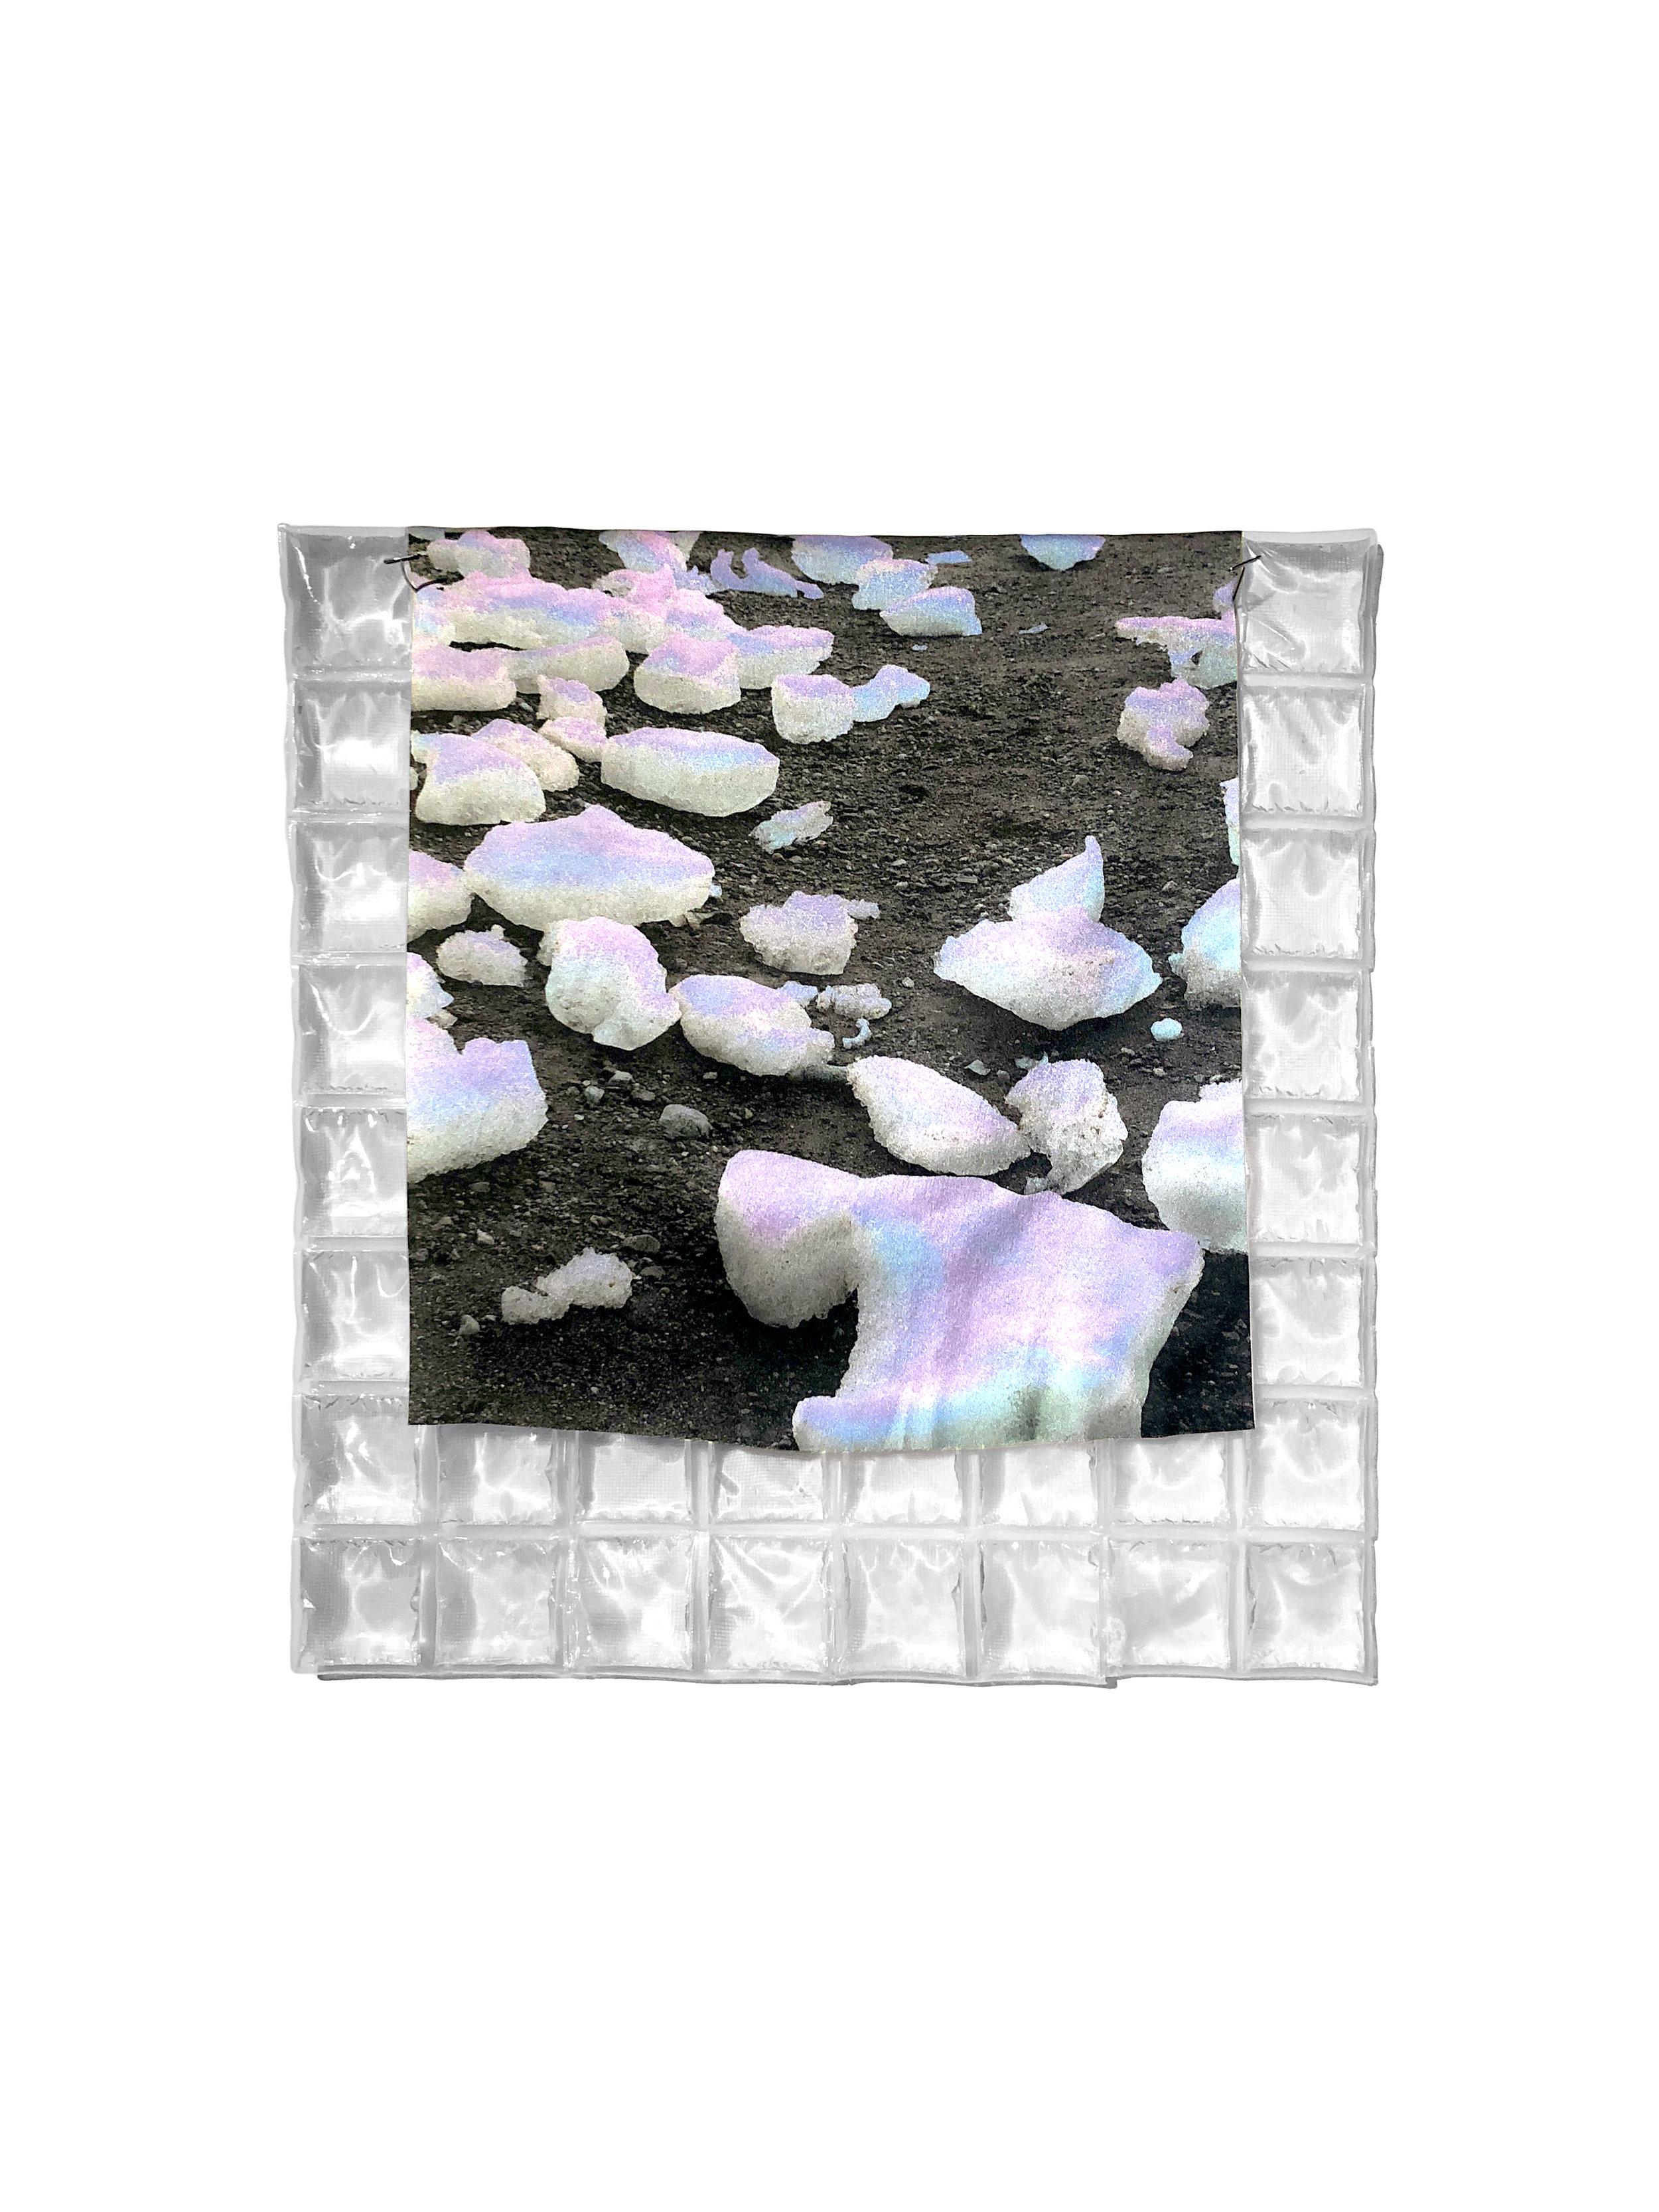 ICEPACKS-ORIG-01.jpg